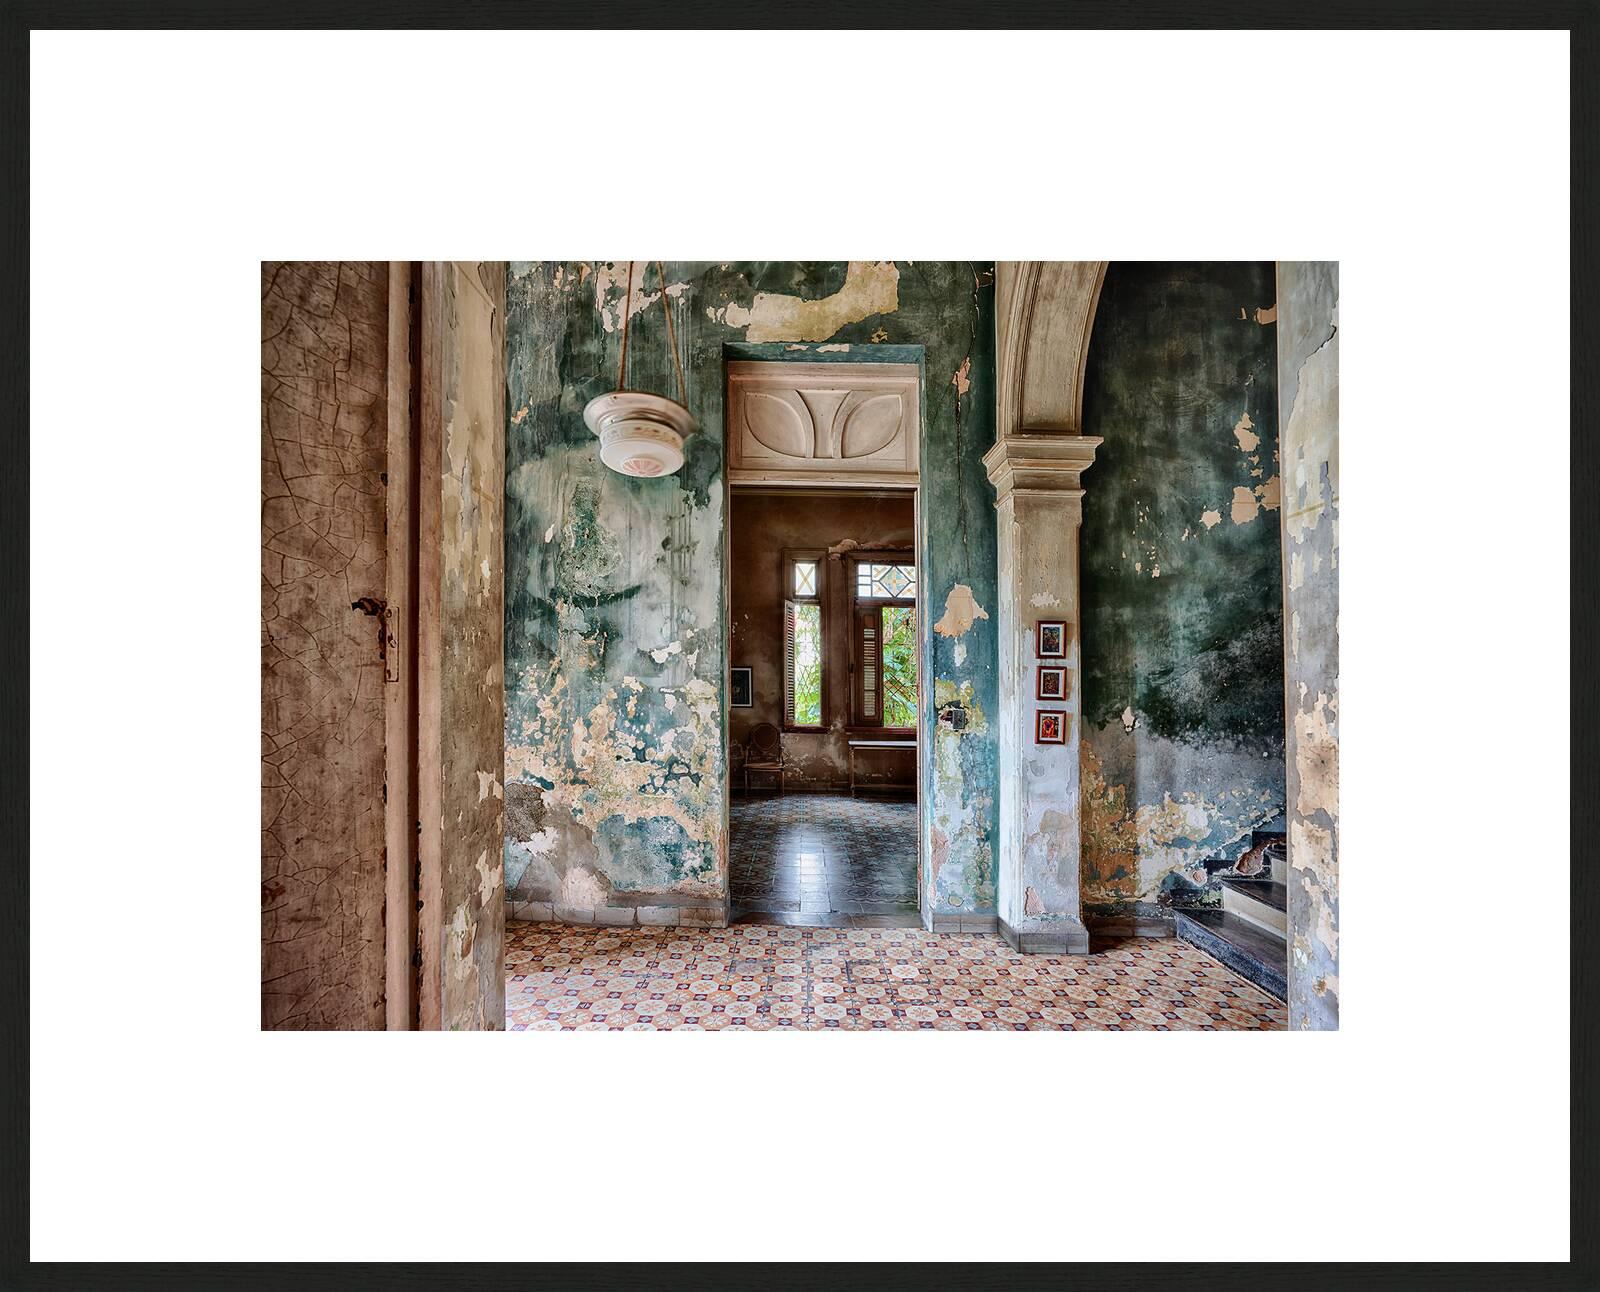 Werner Pawlok House of Fefa - Havana lumas gallery discount code